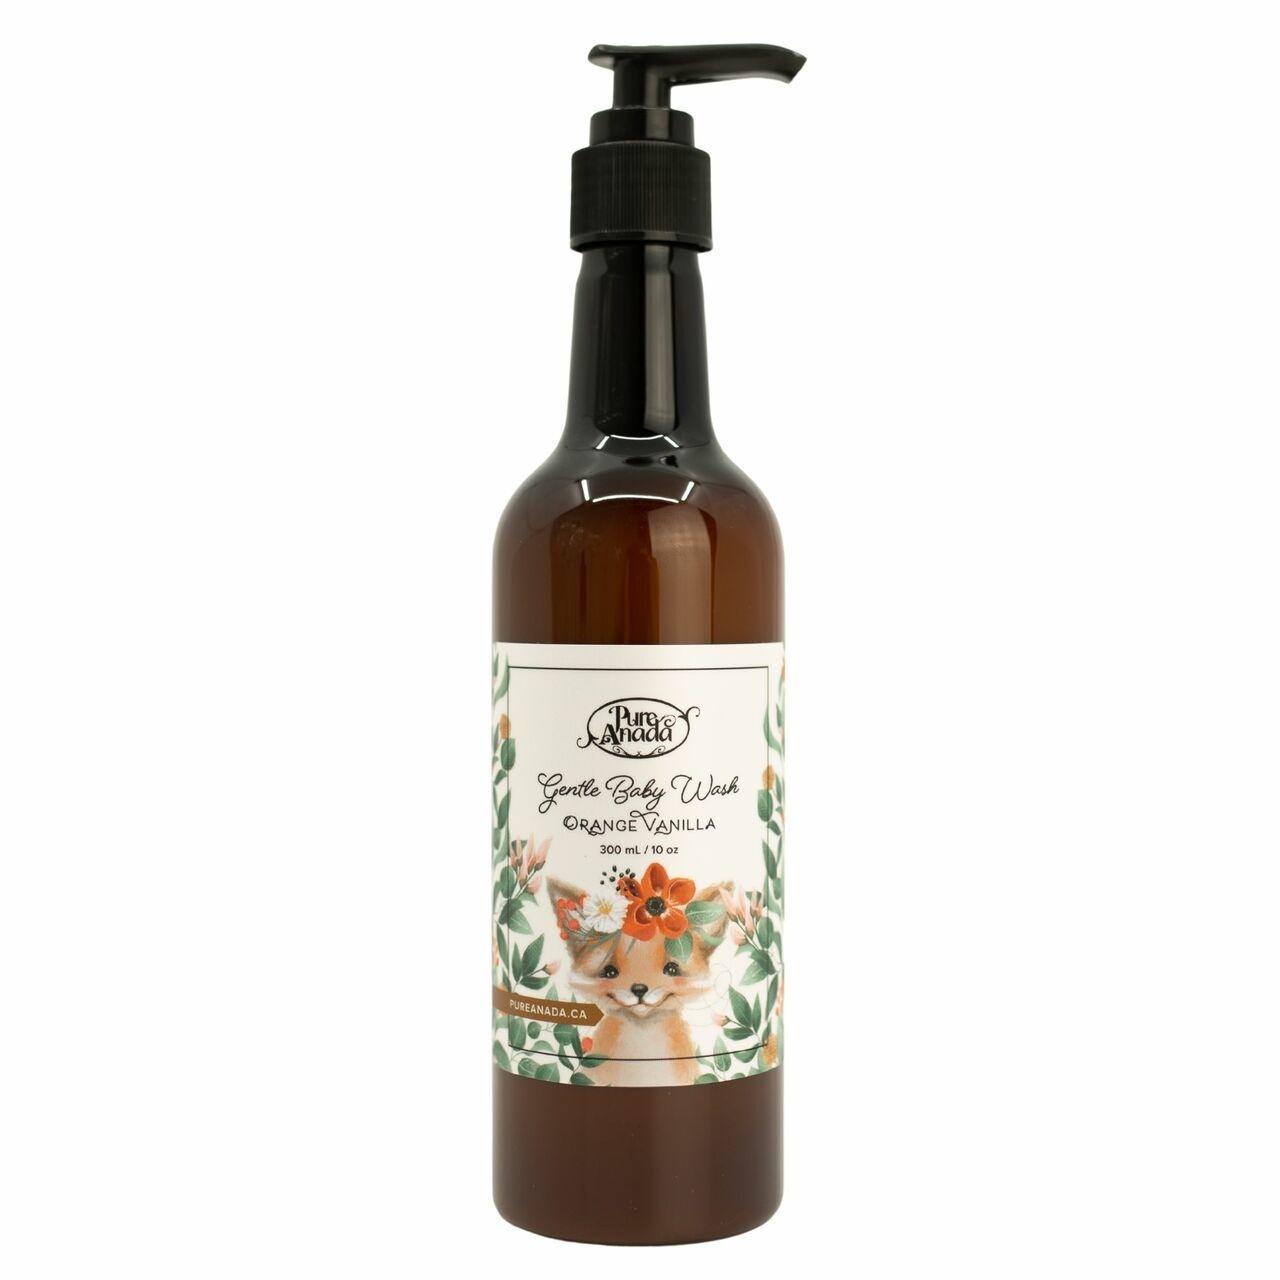 Gentle Baby Wash - Orange Vanilla-2